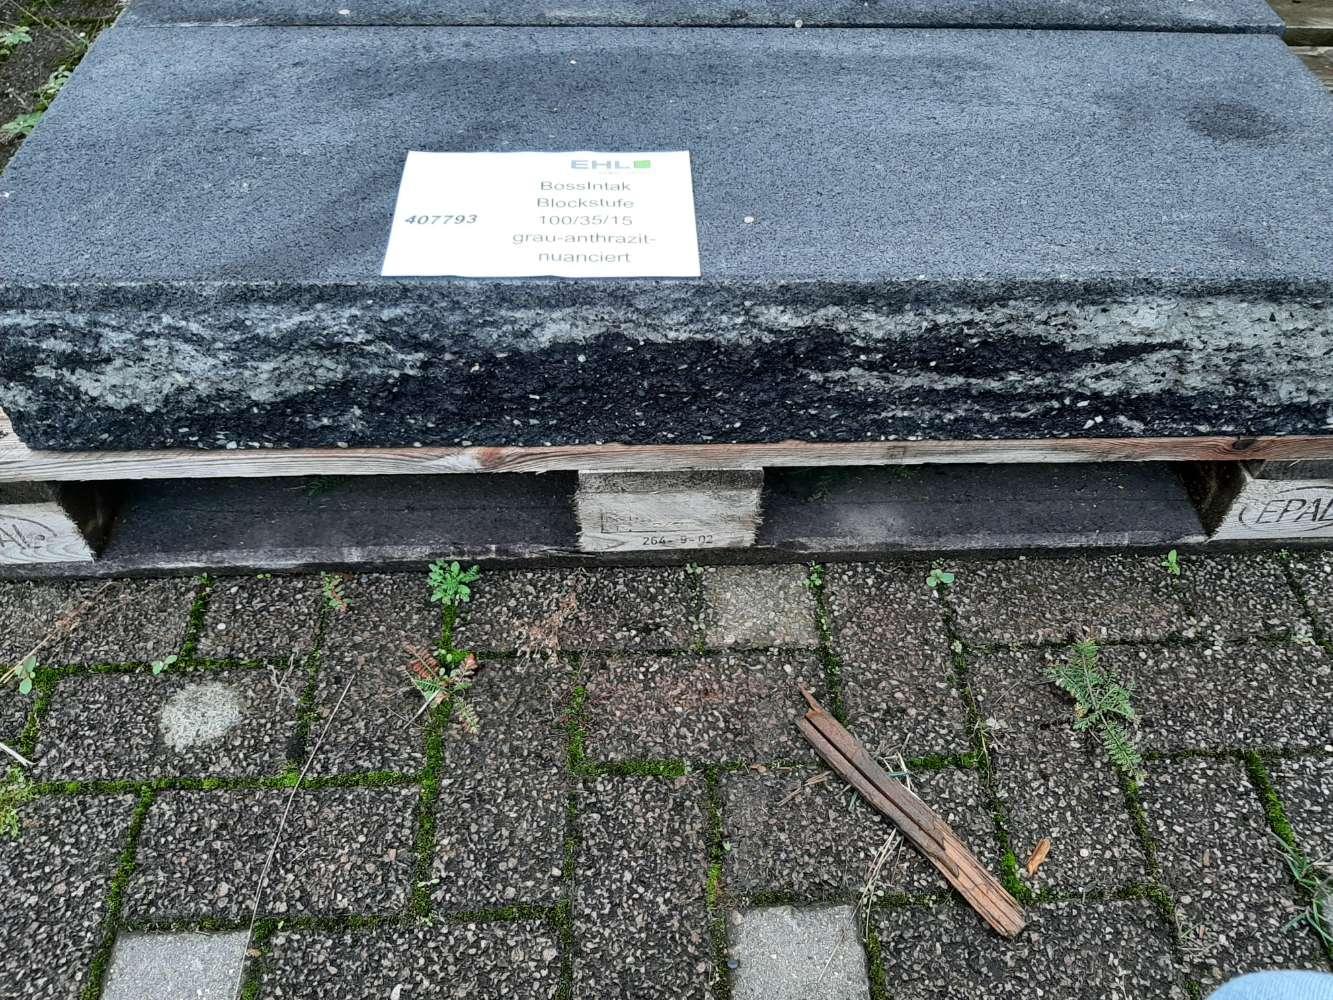 EHL BossIntak Blockstufe grau-anthrazit-nuanciert 100/35/15 II. Wahl